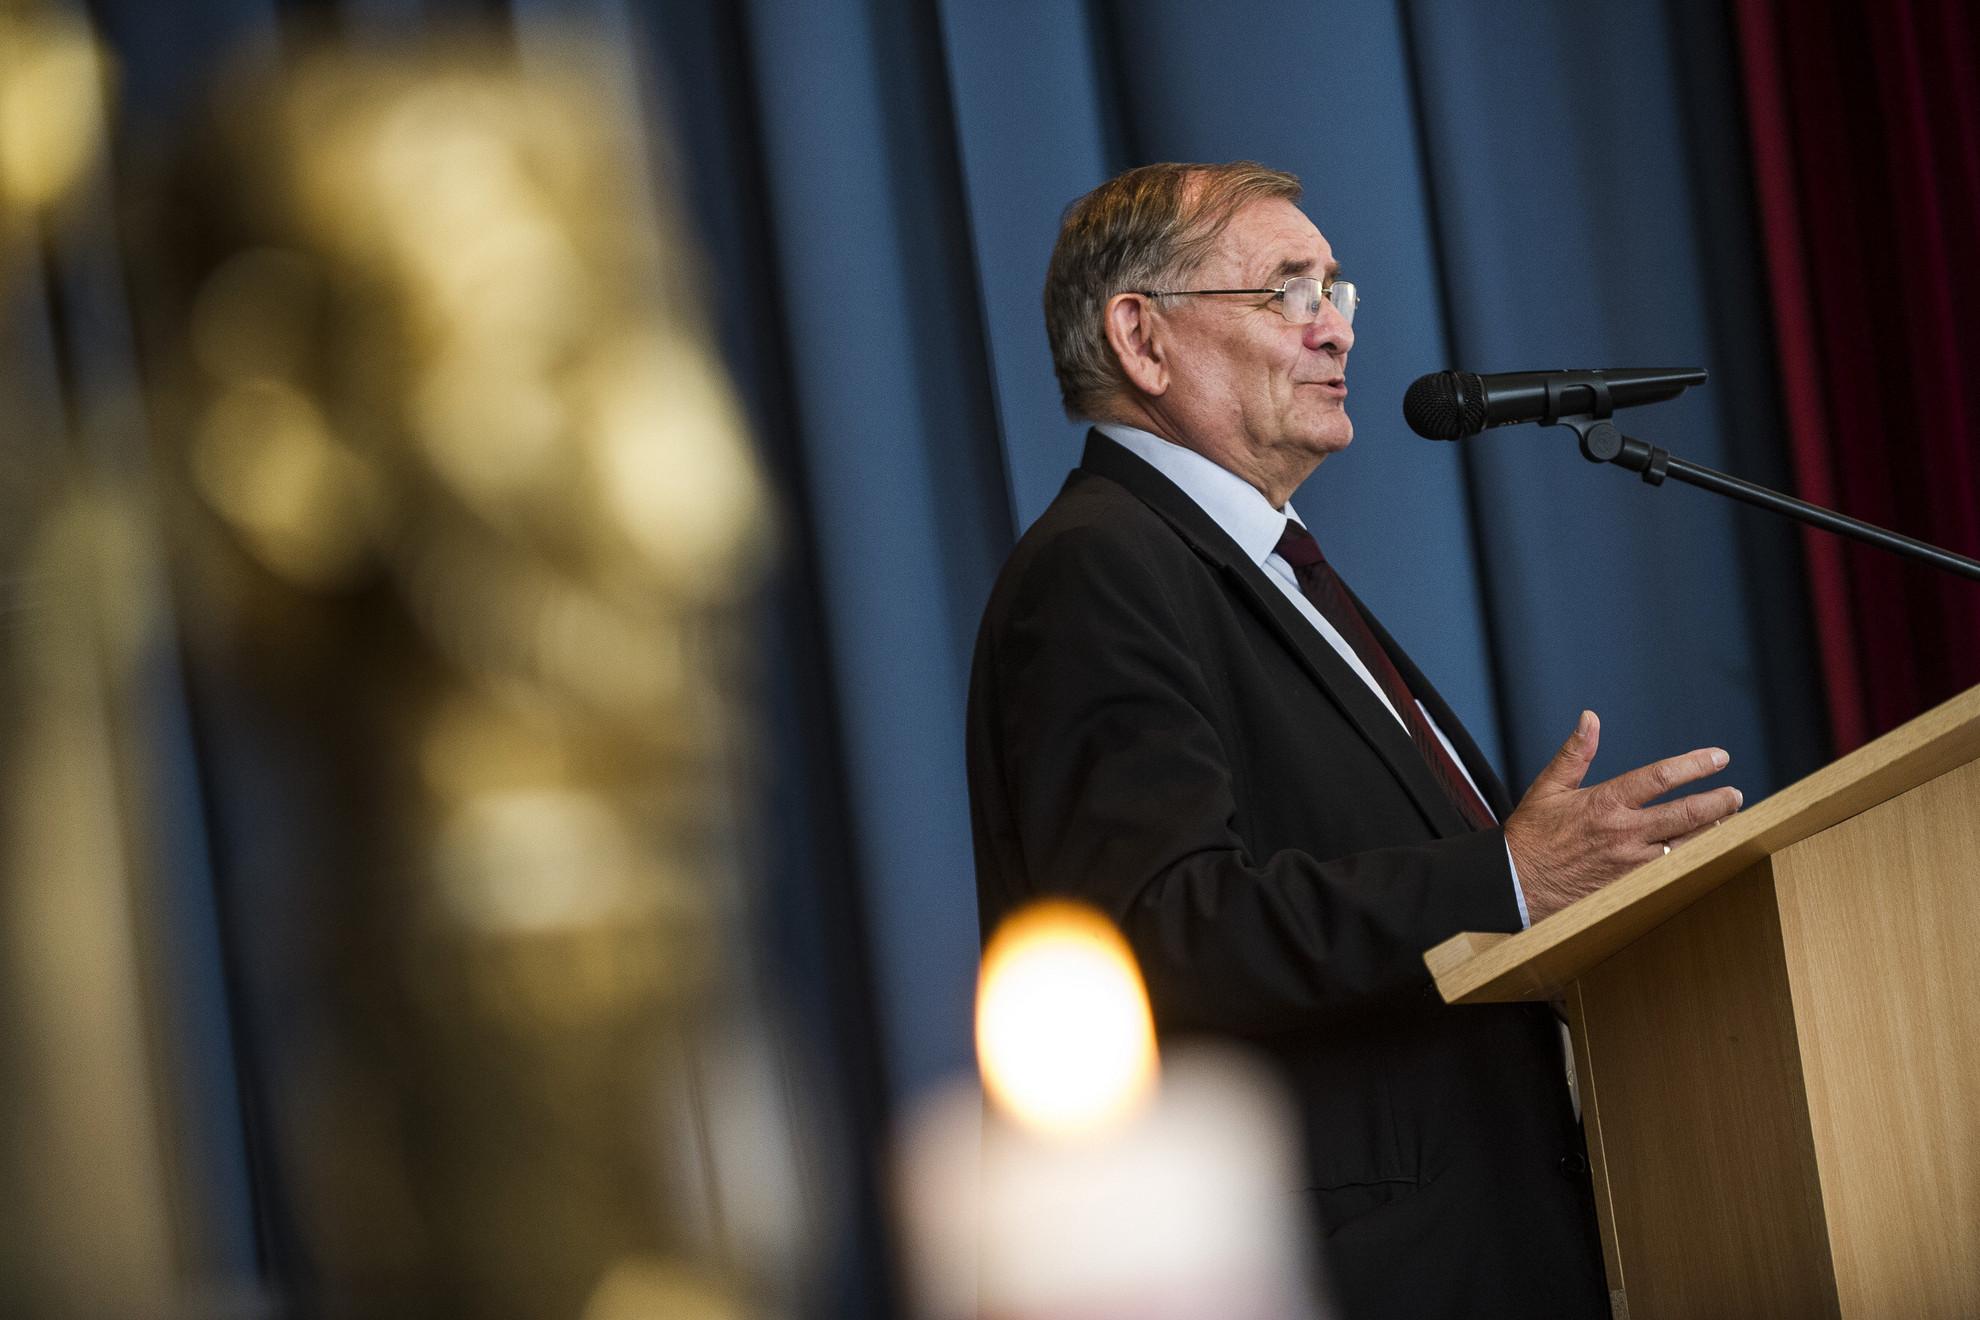 Lezsák Sándor, az Országgyűlés alelnöke beszédet mond a Szent István emlékkonferencián Kecskeméten